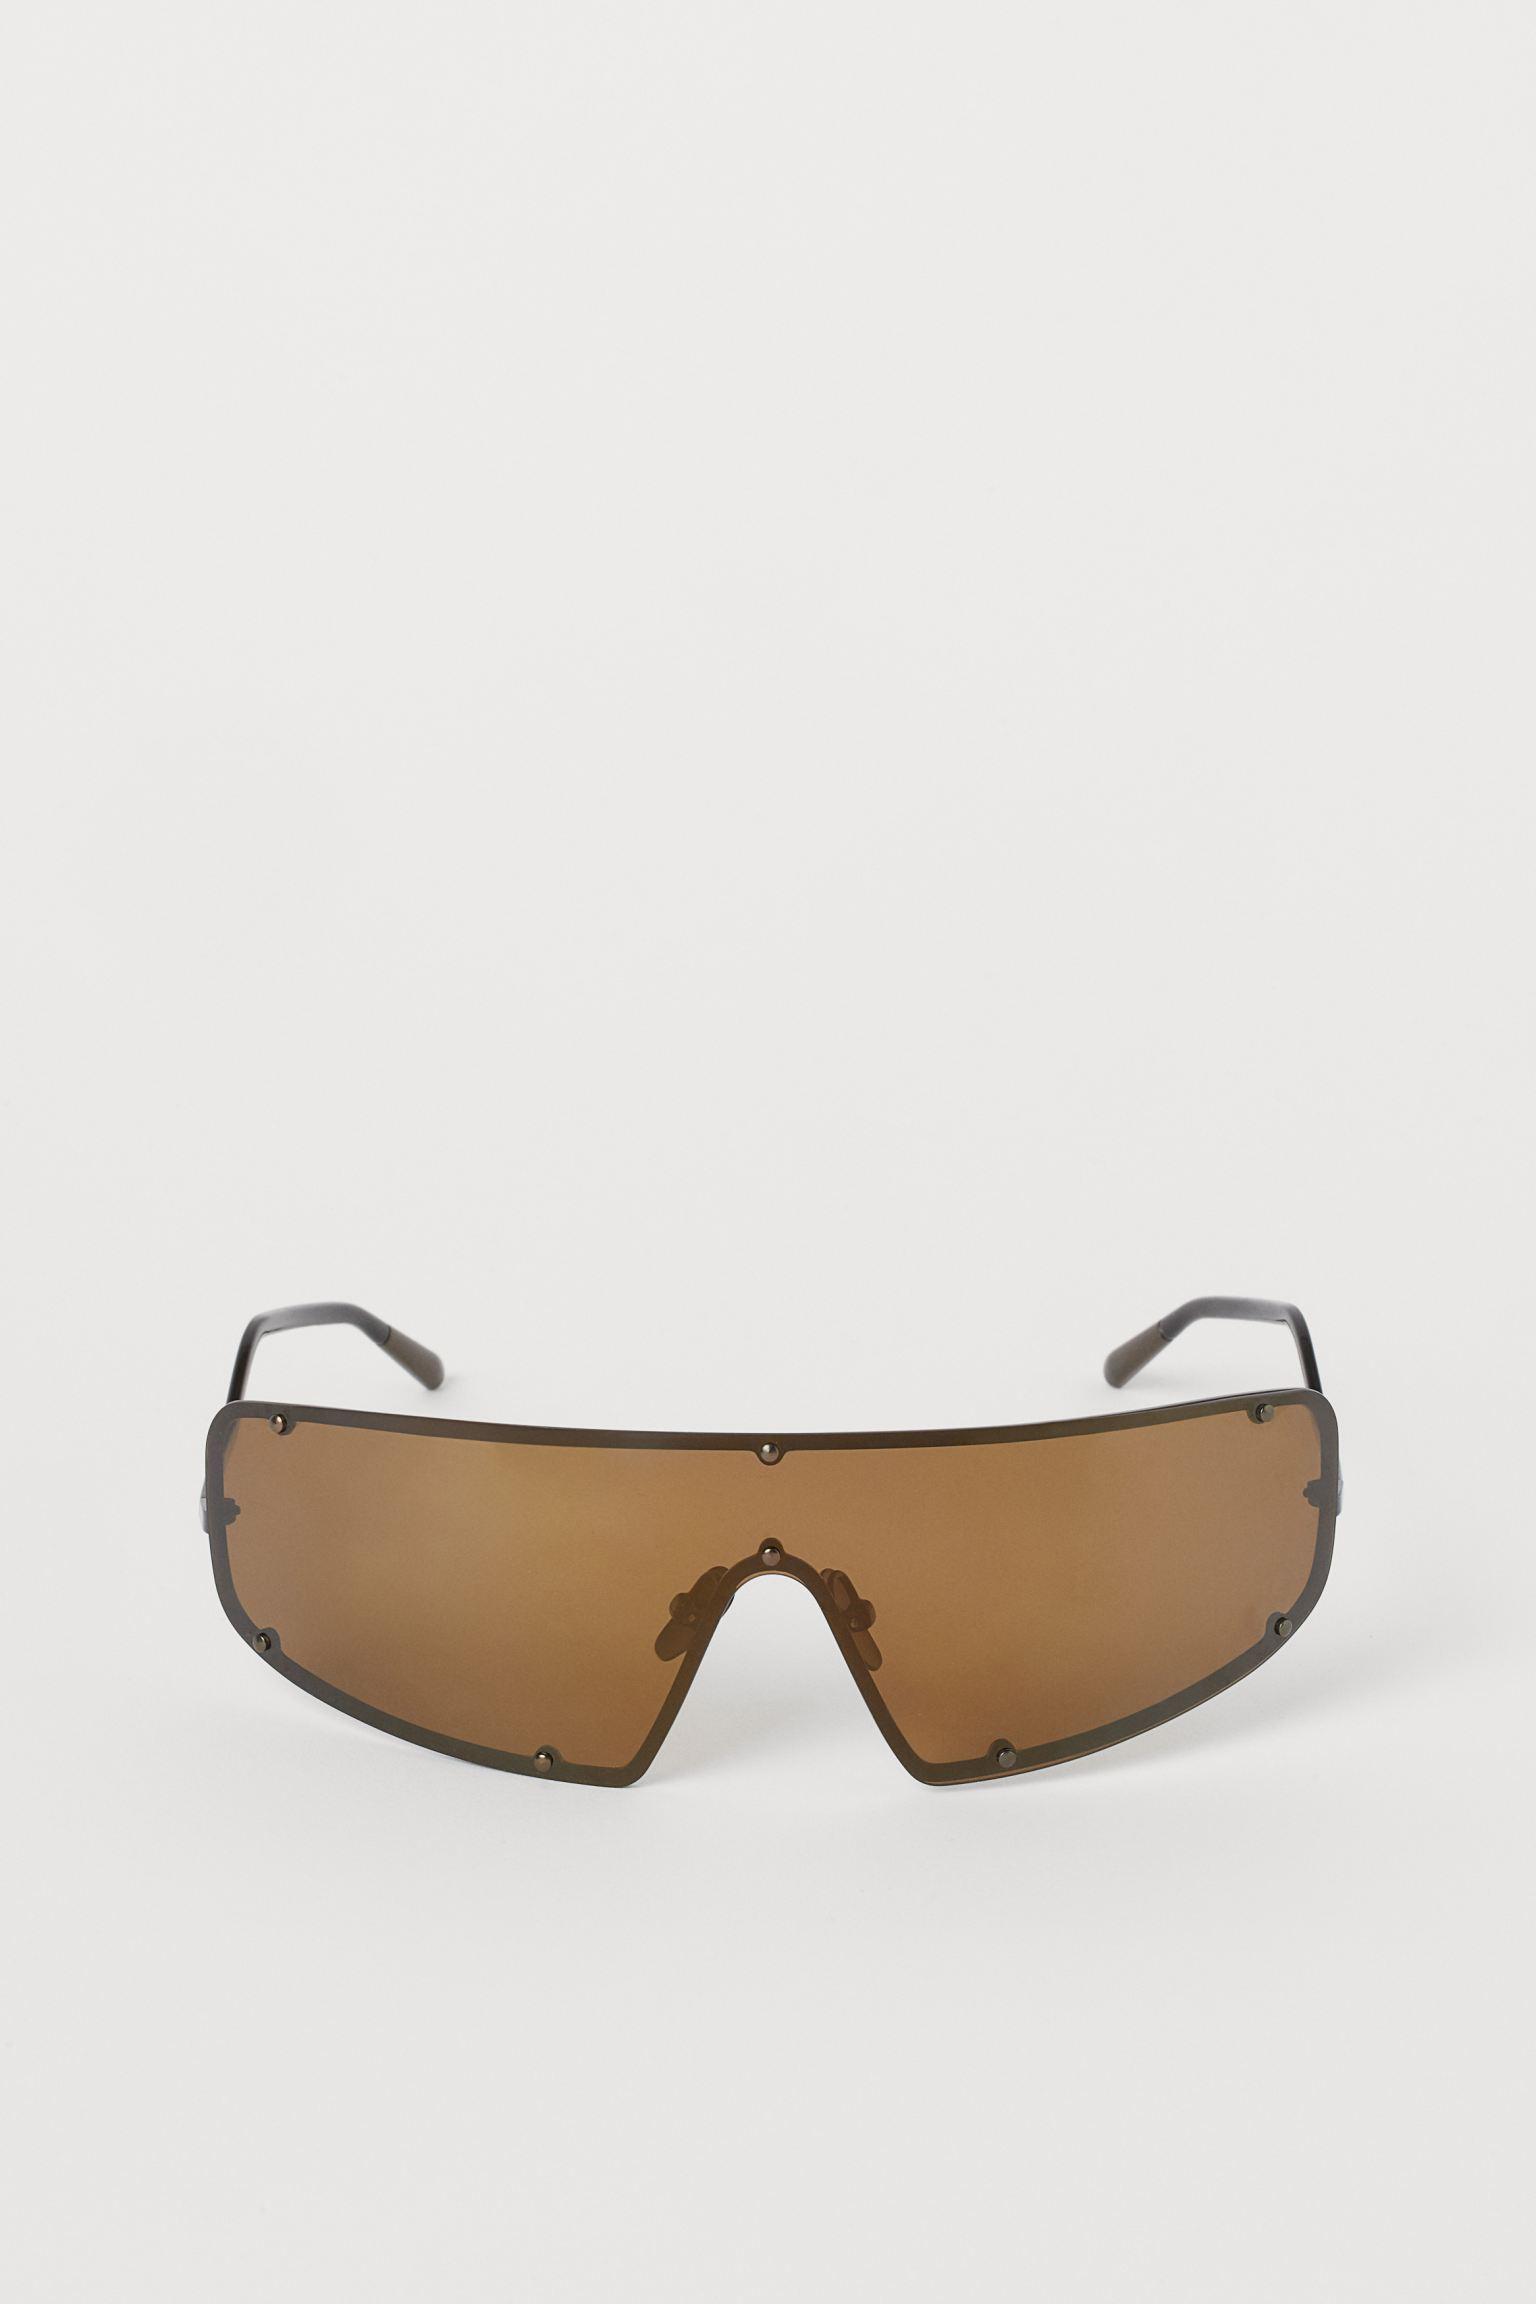 Studio Collection. Gafas de sol con montura de metal y lentes polarizadas con protección UV. Los cristales polarizados ofrecen una mayor nitidez de los colores y un mejor contraste al tiempo que eliminan los reflejos. Se entregan en una funda estampada con cordón.